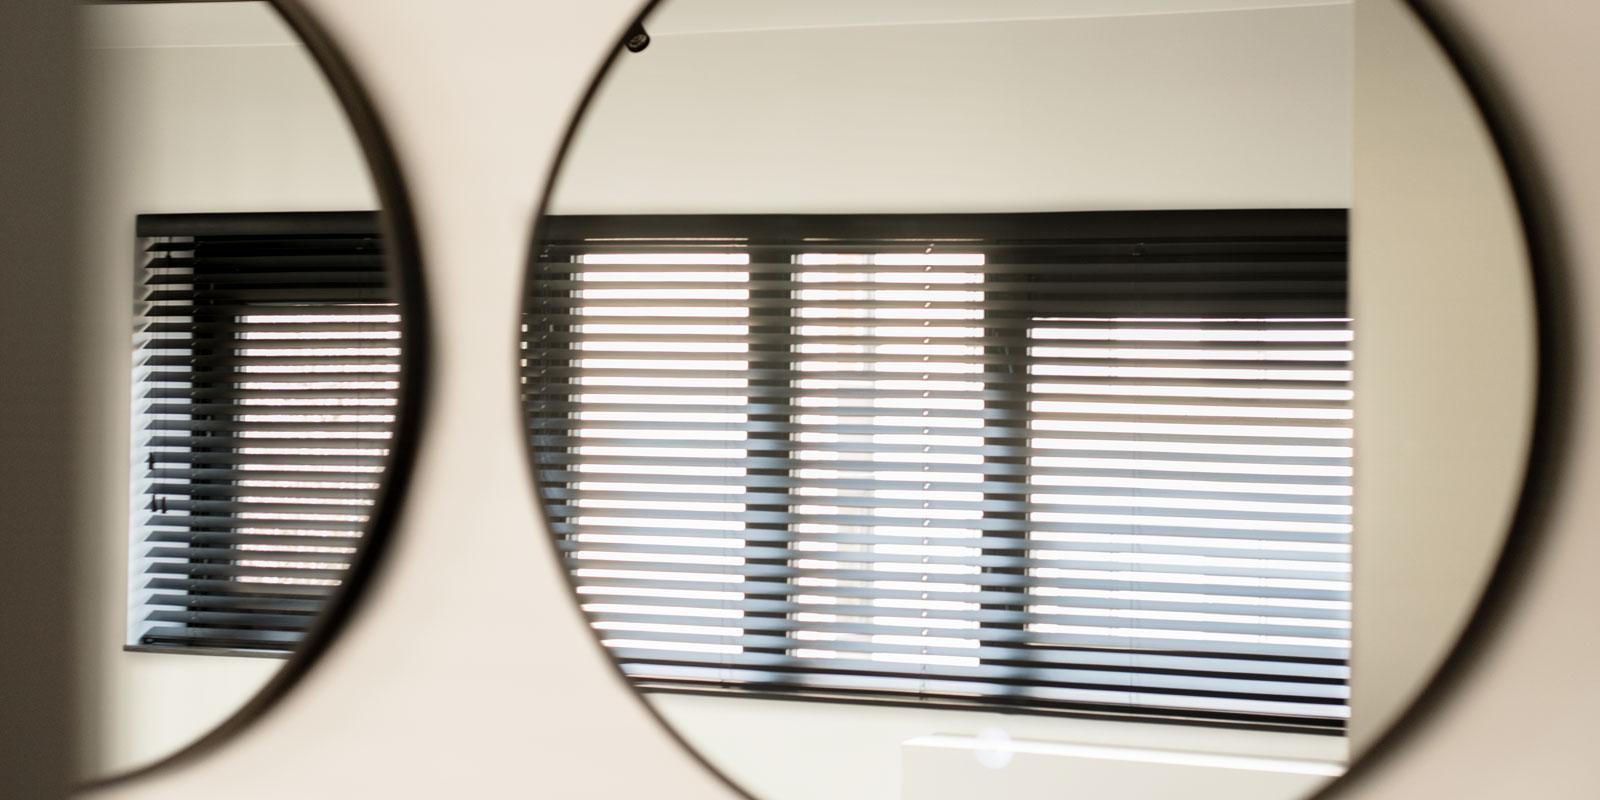 Maatwerkjaloezieën, Blend Window Fashion, ramen, schutters, decoratie, The Art of Living